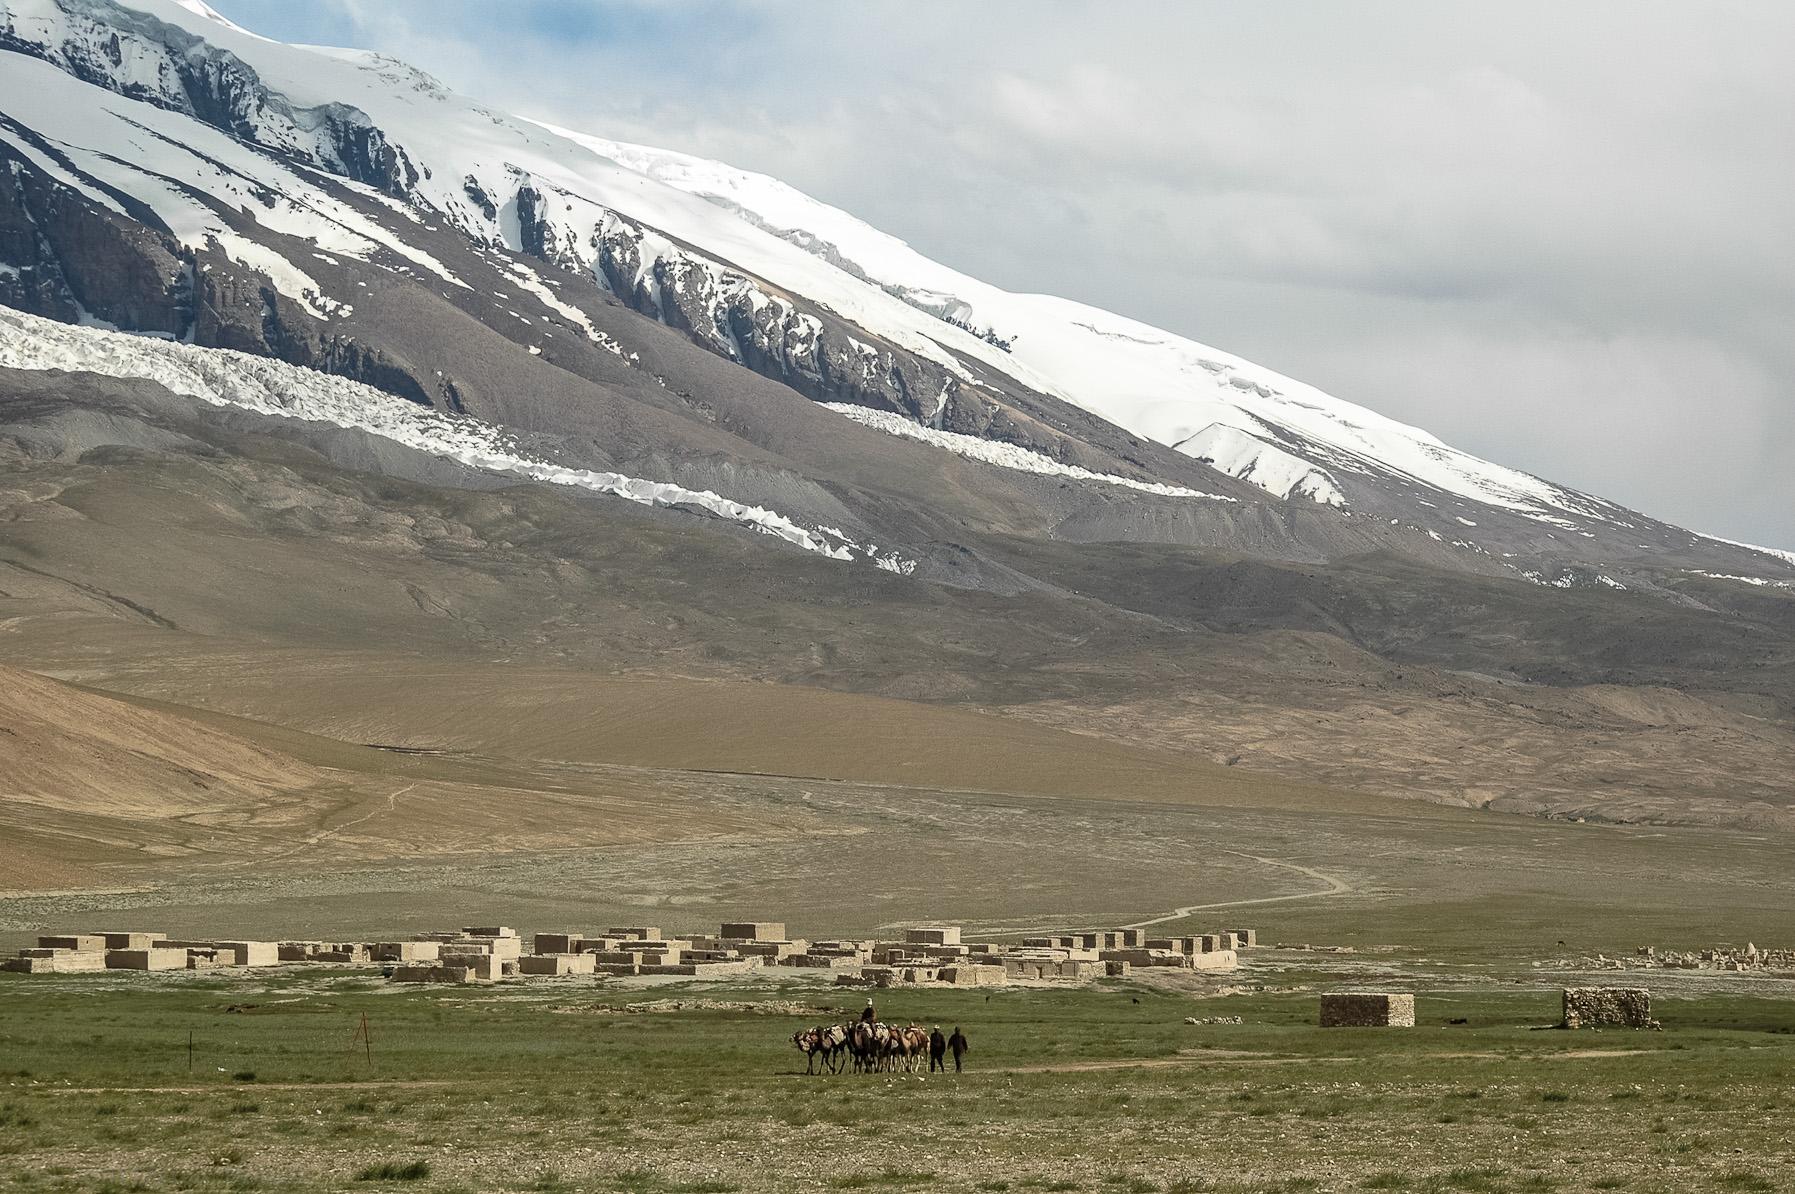 Zbocze Muztaghaty